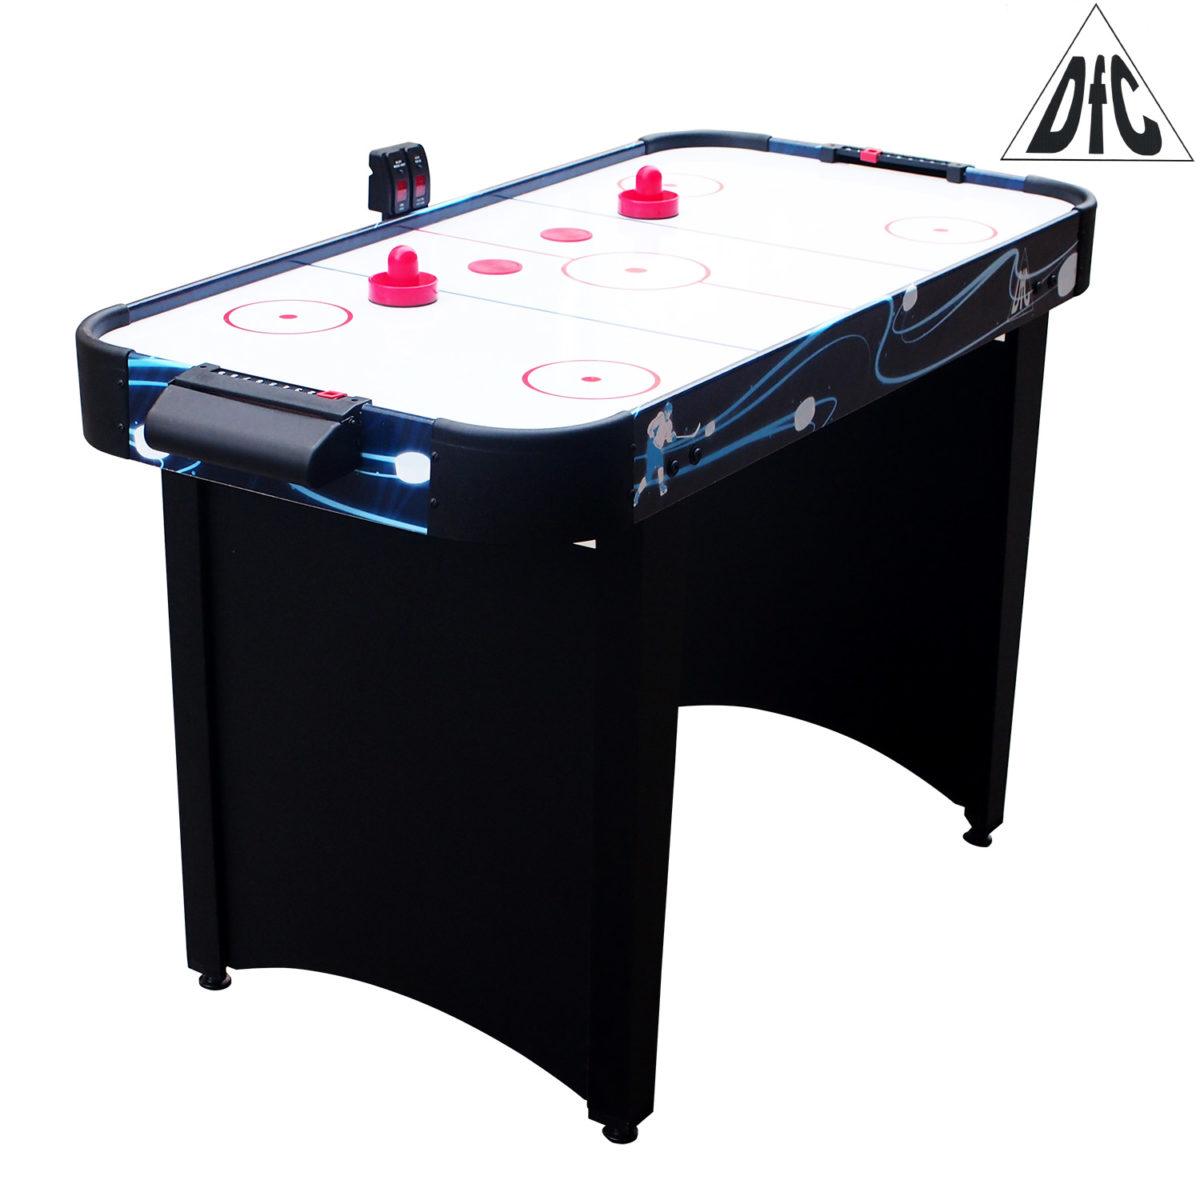 Игровой стол - аэрохоккей DFC ANAHEIM 4ft ES-AT-4880-арт-ES-AT-4880-